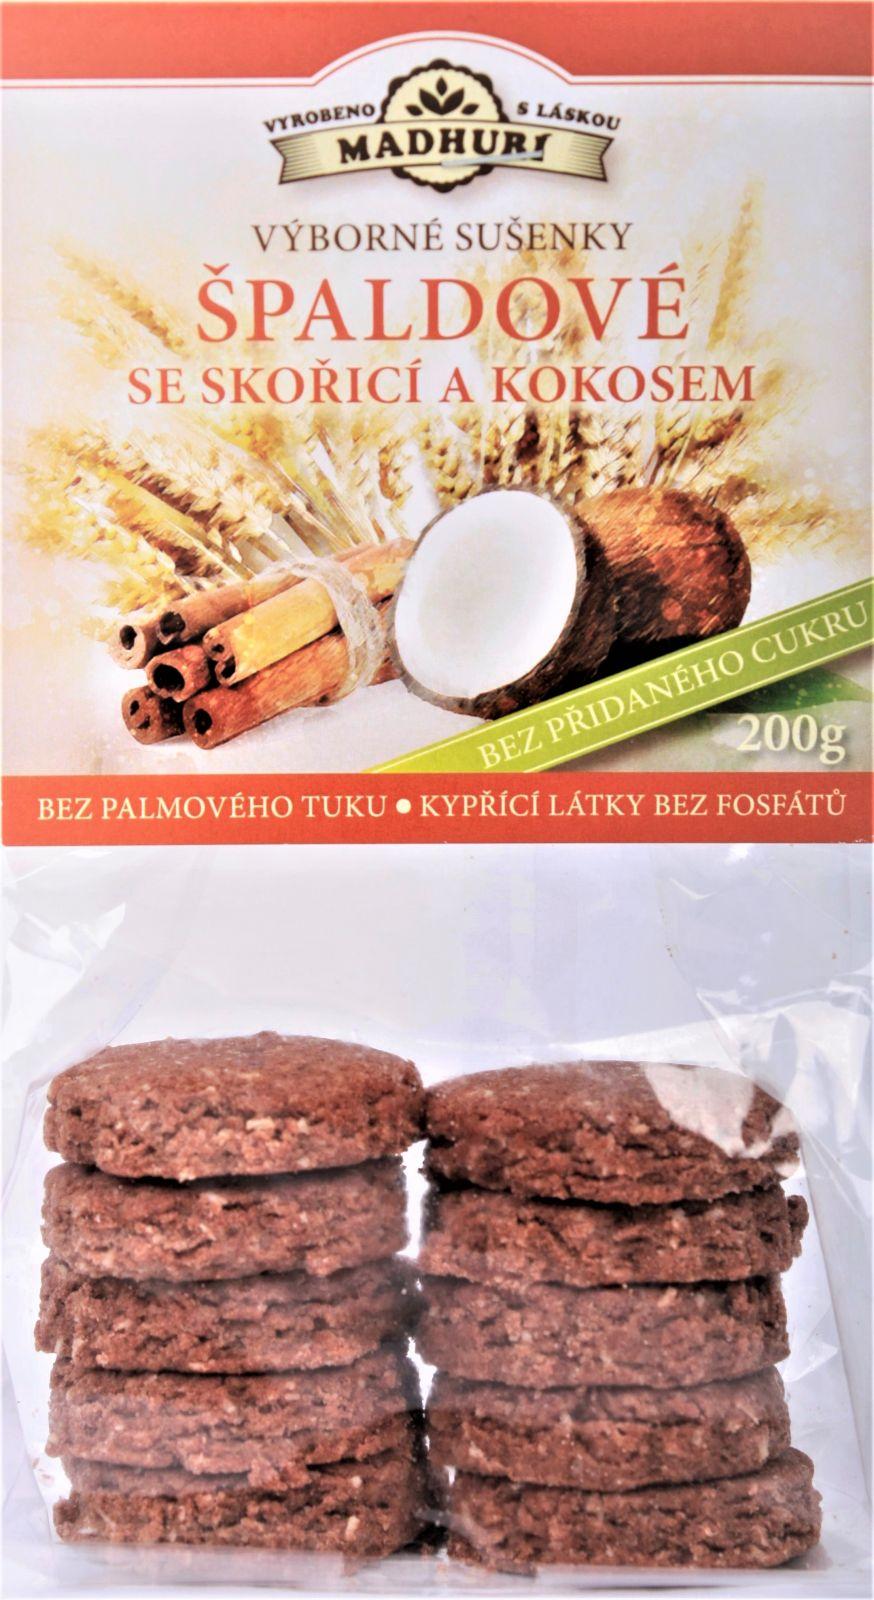 Špaldové měkké sušenky se skořicí a kokosem bez přidaného cukru